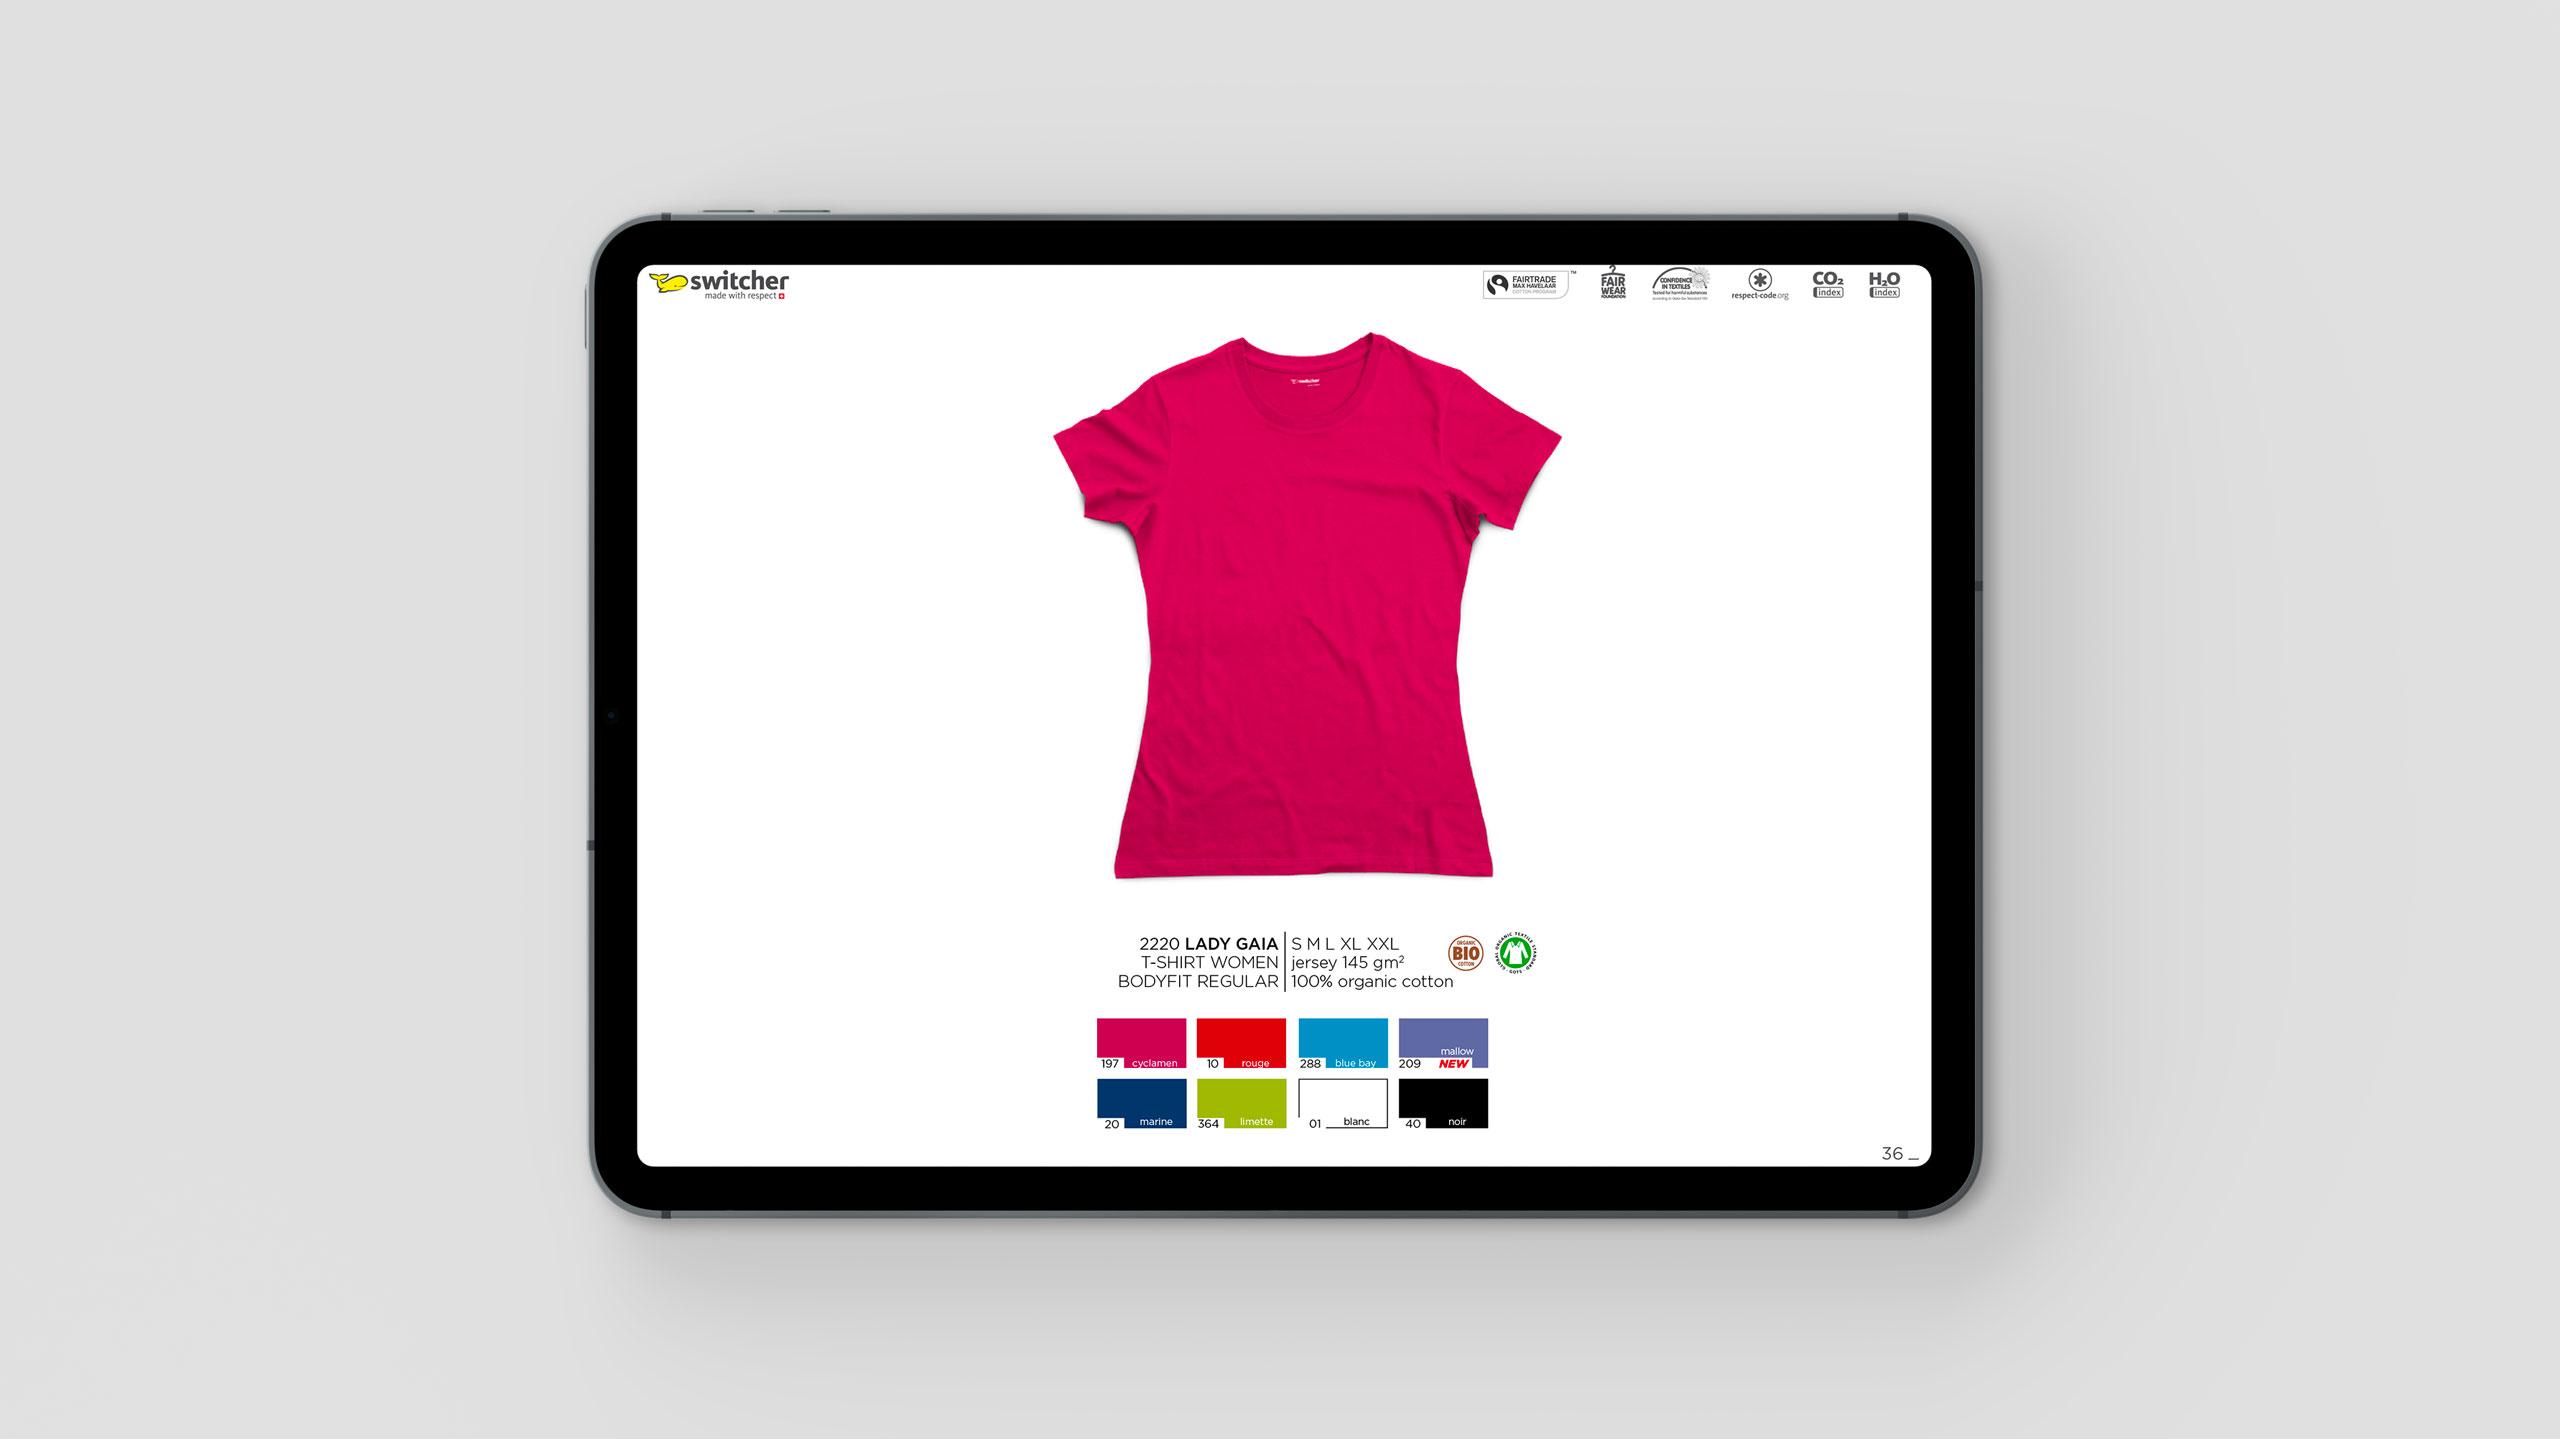 switcher_iPadCat_2560px_07